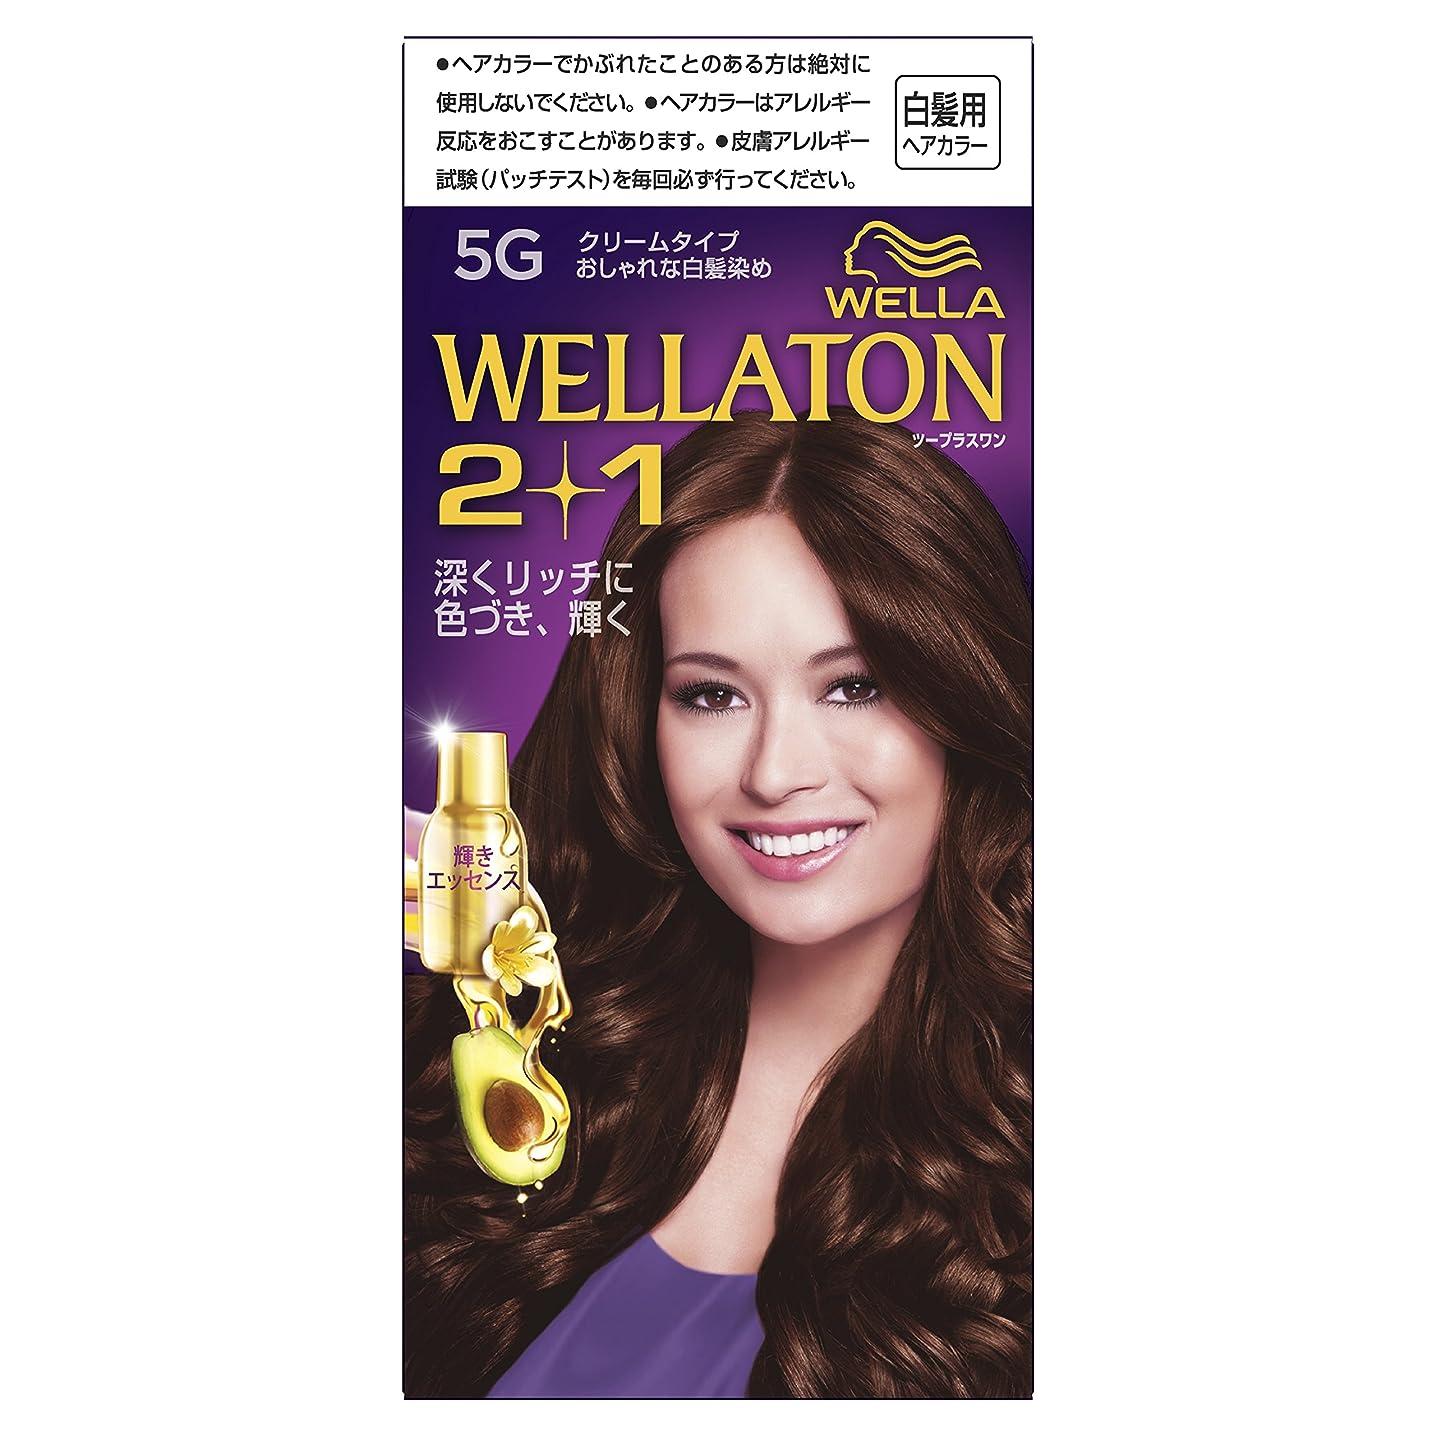 焦がす酸化物柱ウエラトーン2+1 クリームタイプ 5G [医薬部外品](おしゃれな白髪染め)